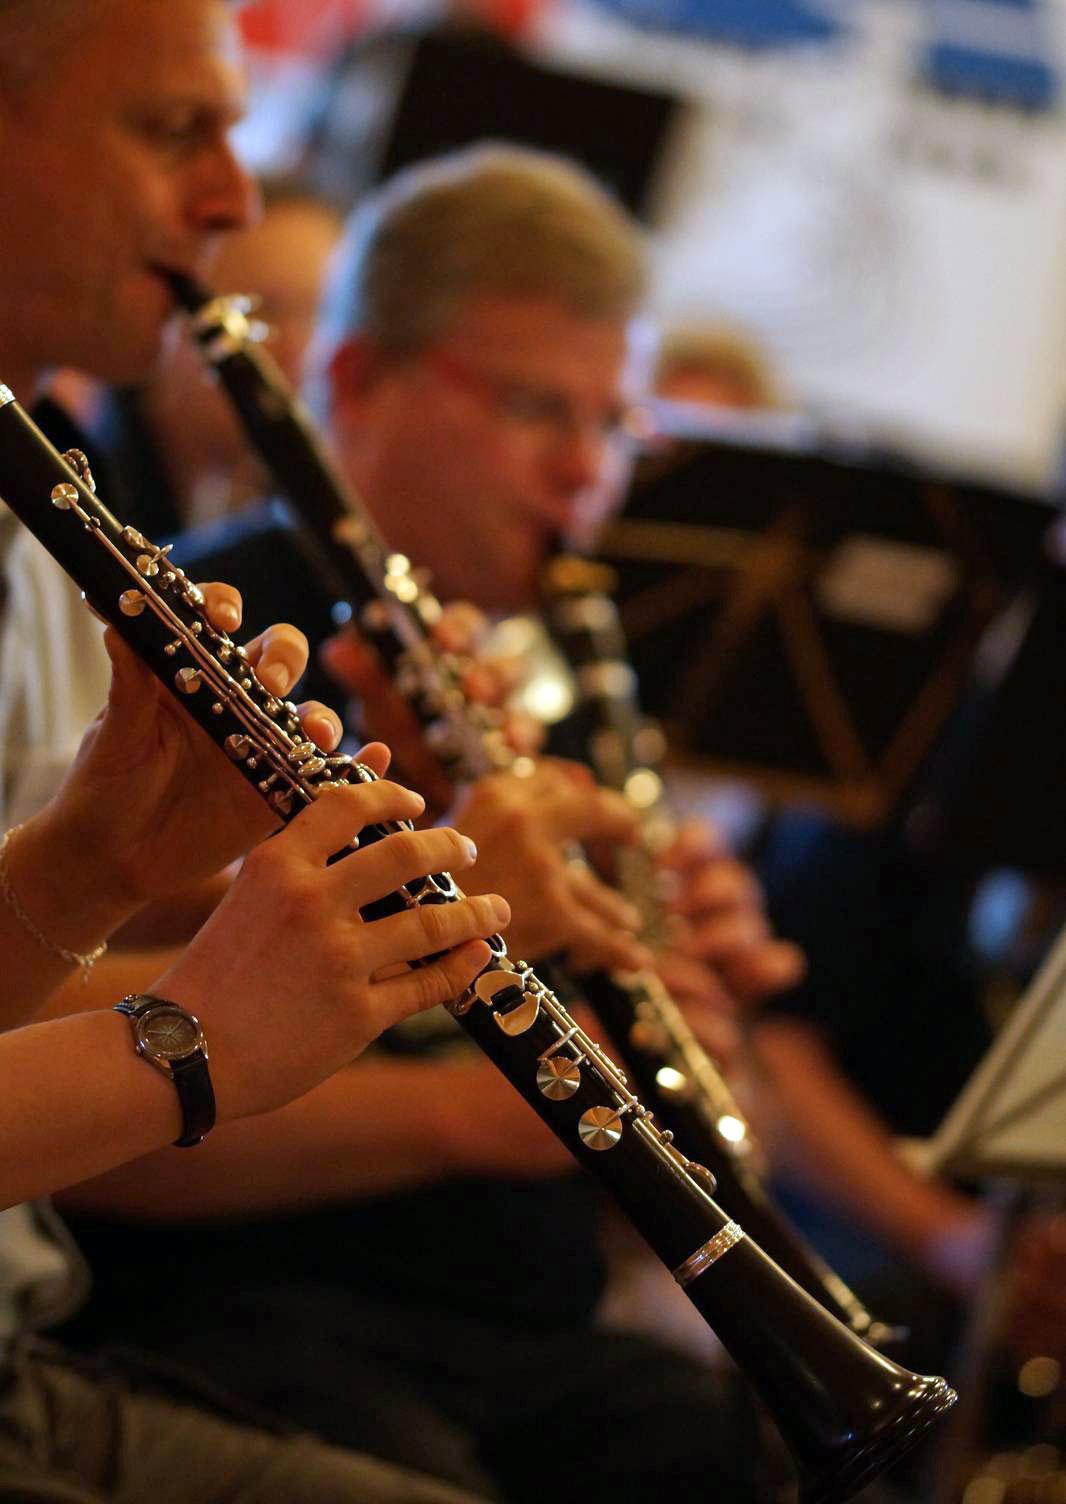 instrument ähnlich klarinette